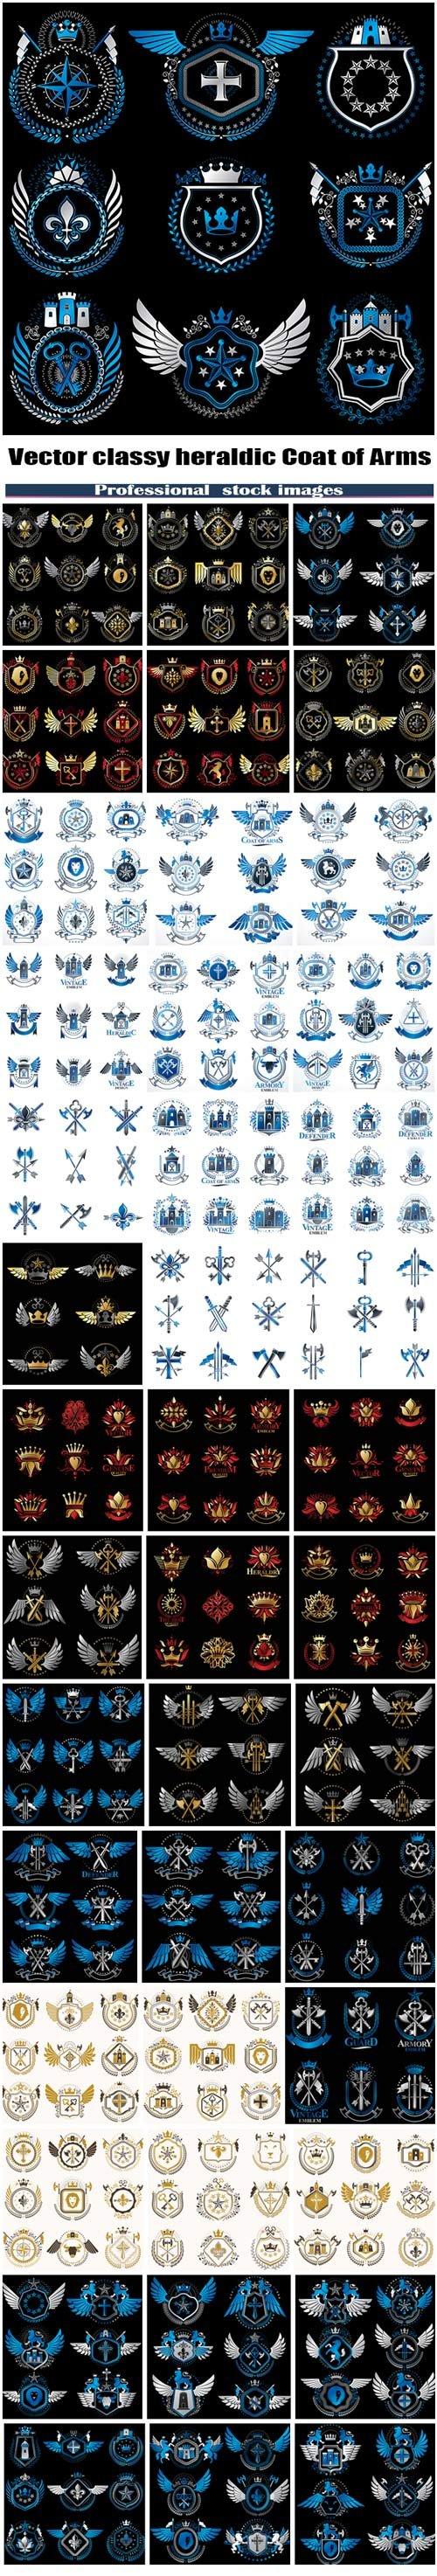 Vector classy heraldic Coat of Arms